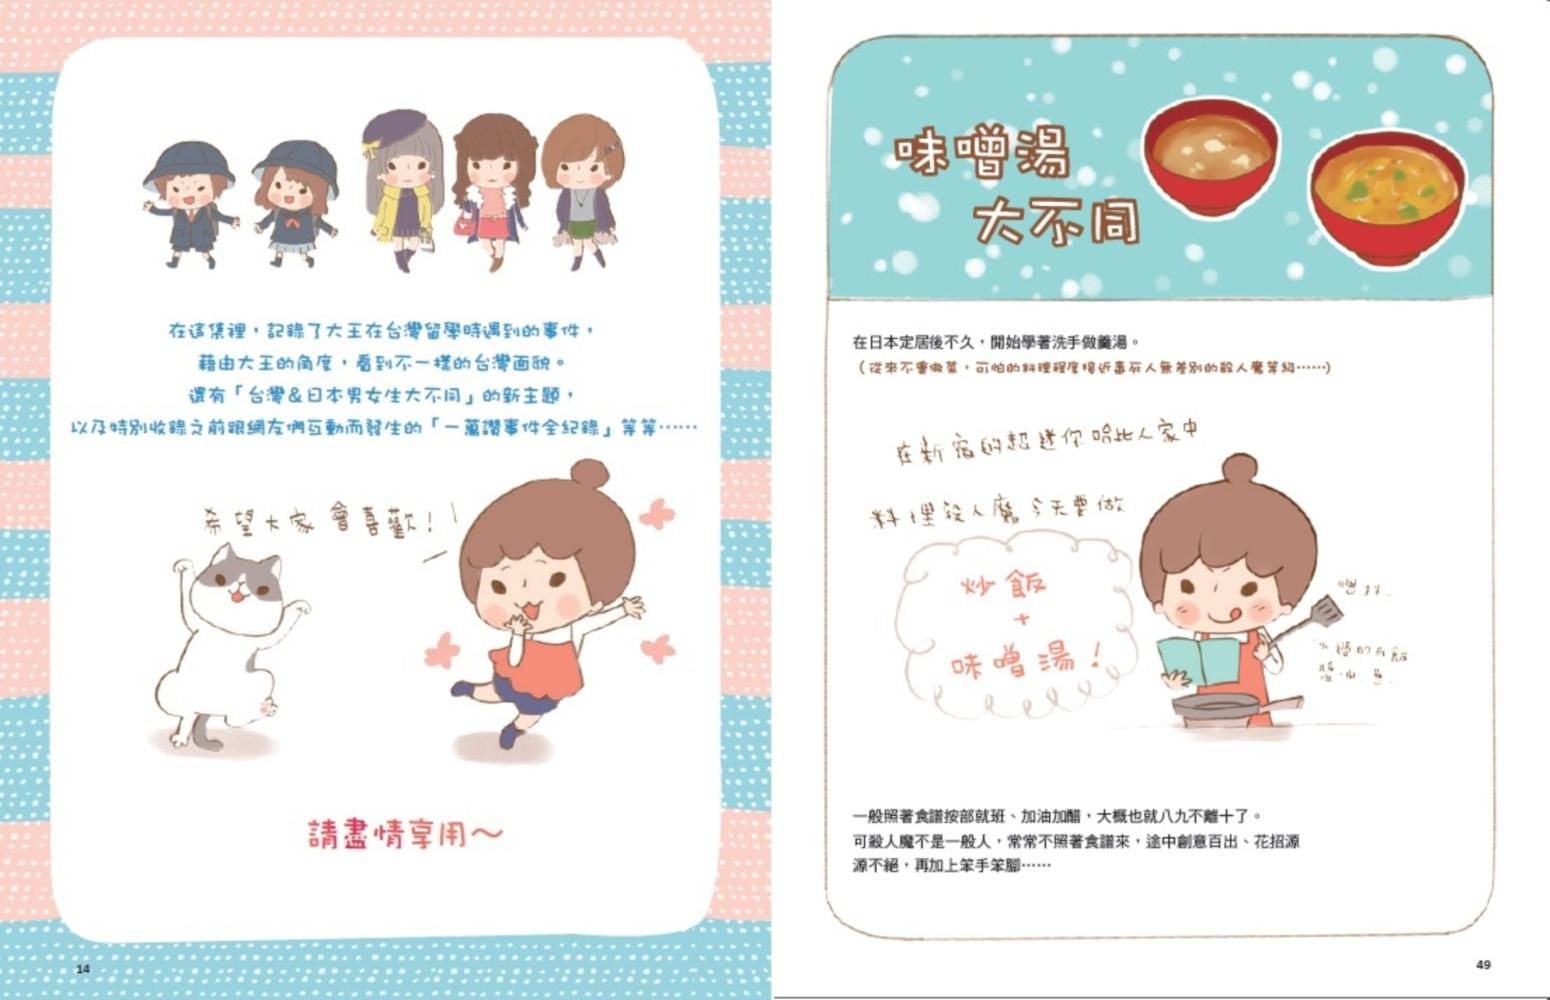 http://im1.book.com.tw/image/getImage?i=http://www.books.com.tw/img/001/070/48/0010704813_b_04.jpg&v=56b1f314&w=655&h=609